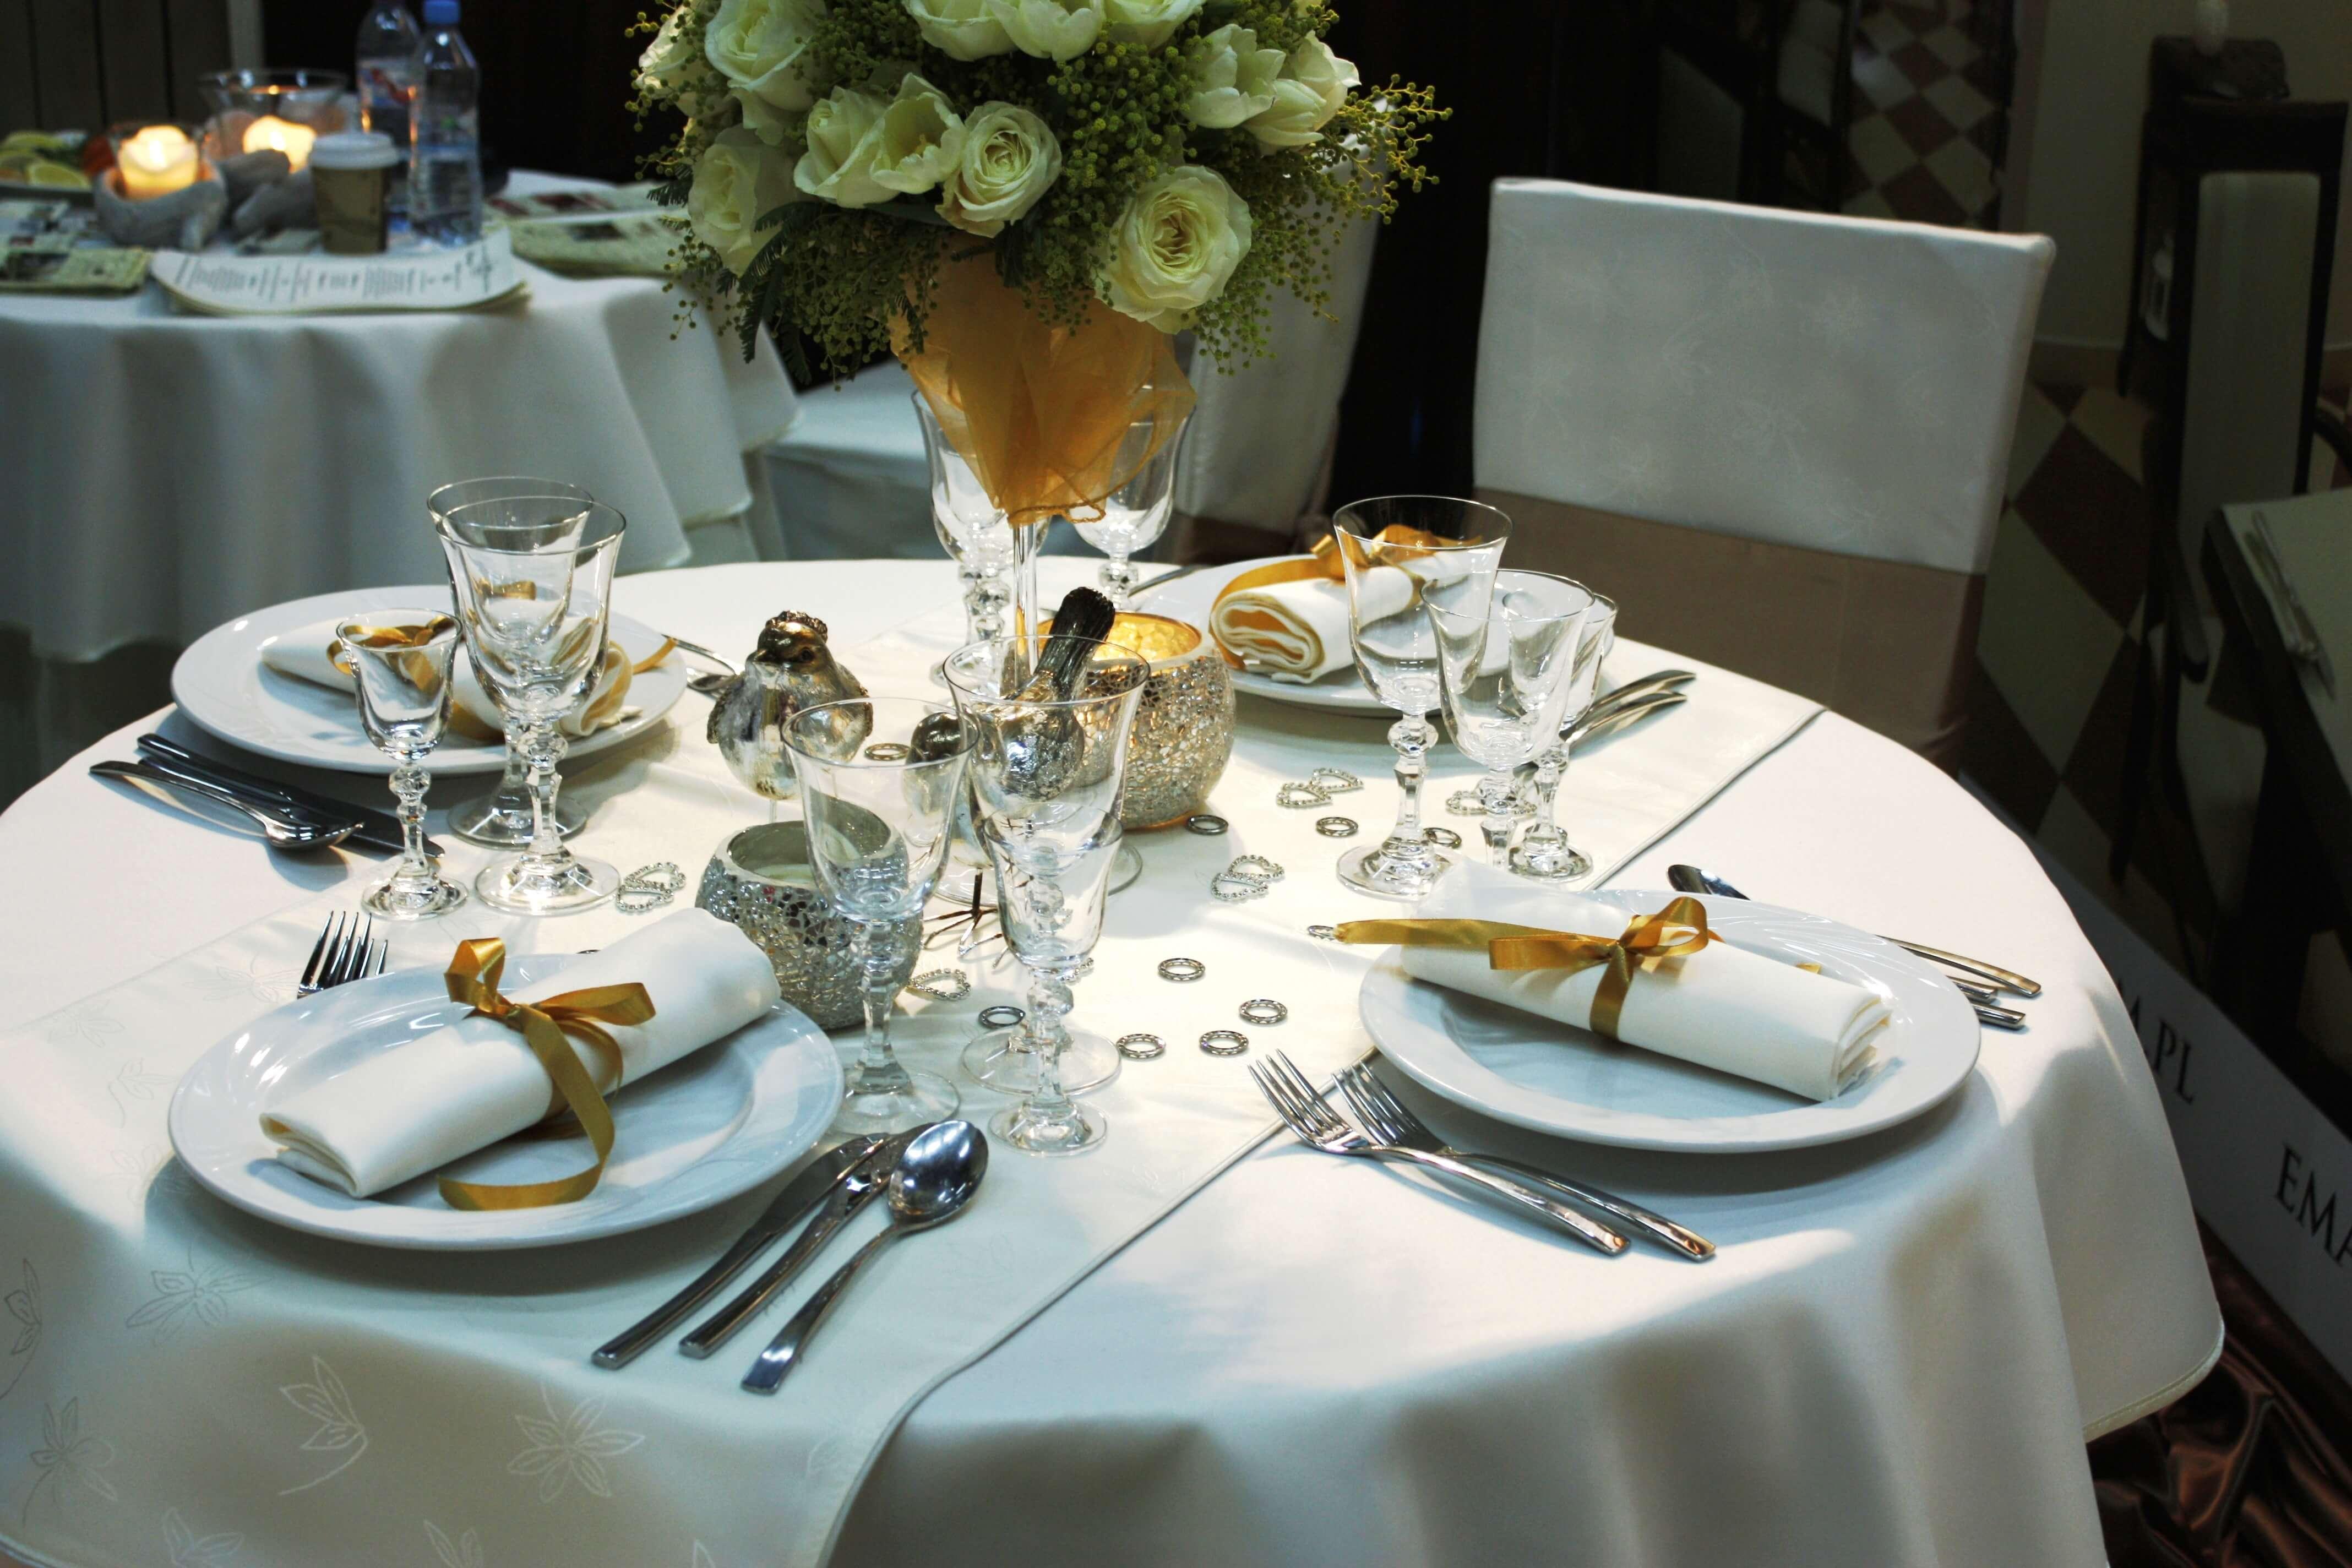 Svadobná hostina v zime sa plánuje ľahšie, ilustračný obrázok